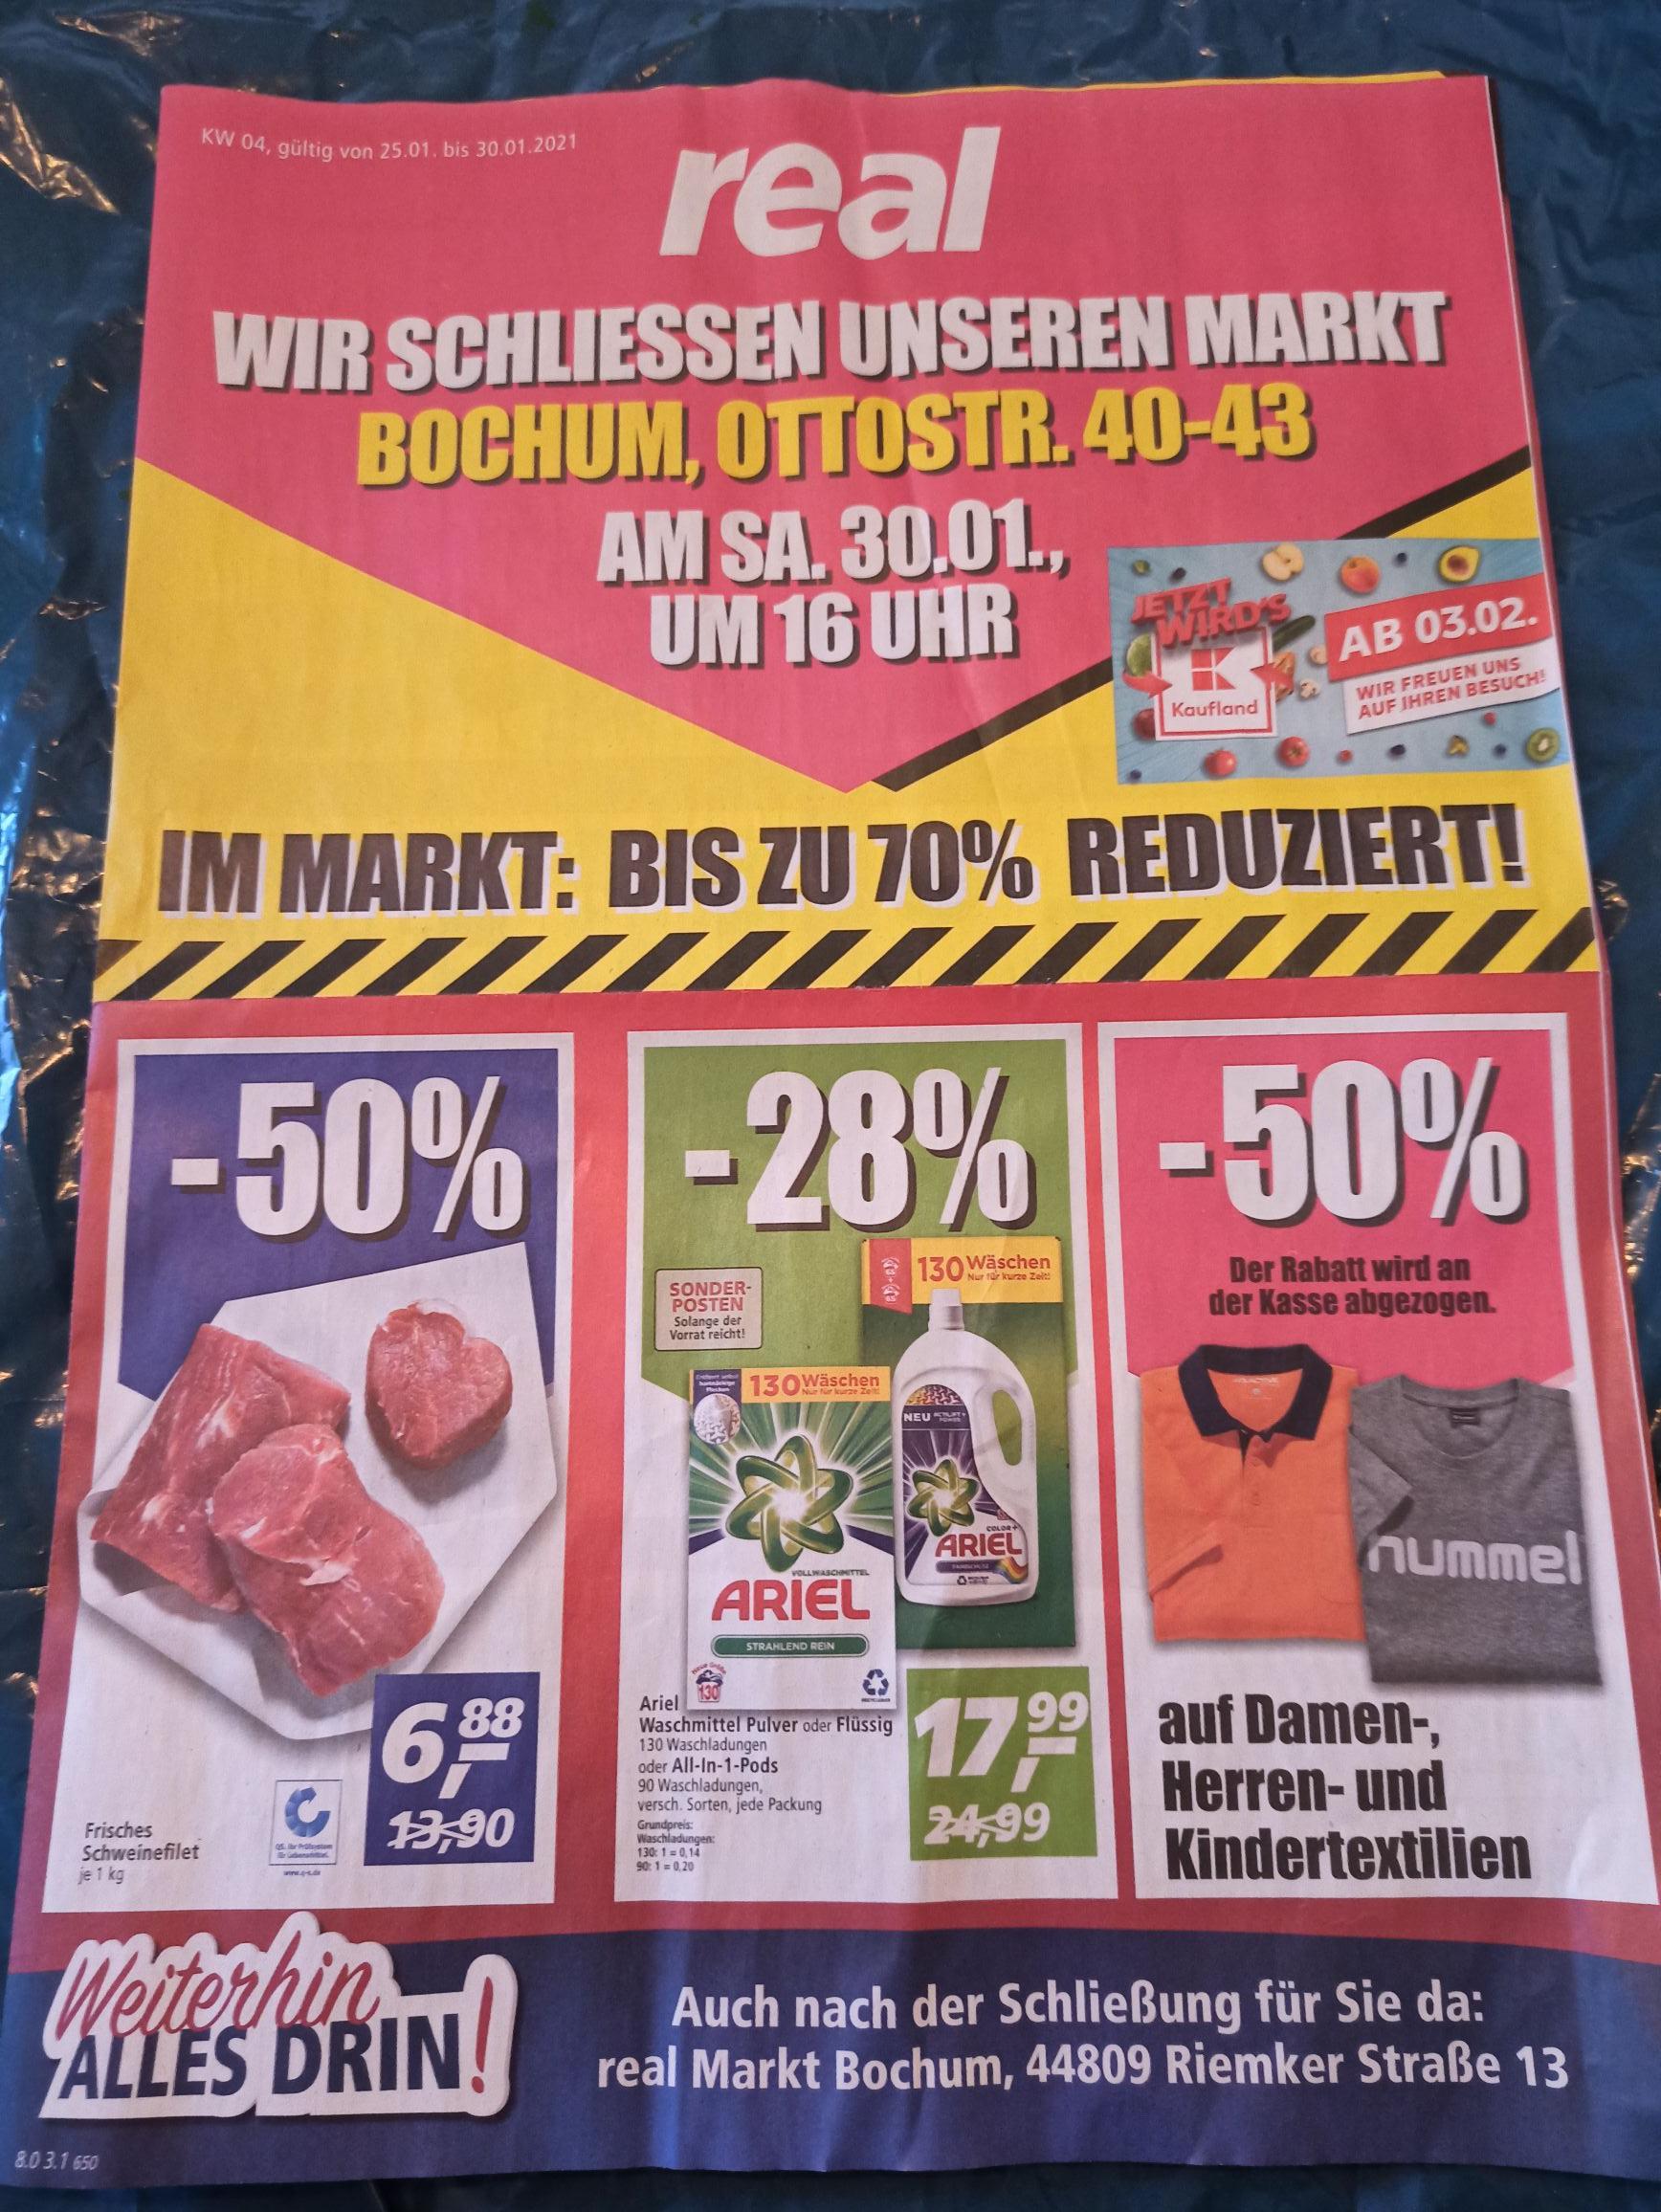 Bis zu 70% Reduziert. Real Bochum Wattenscheid schließt.